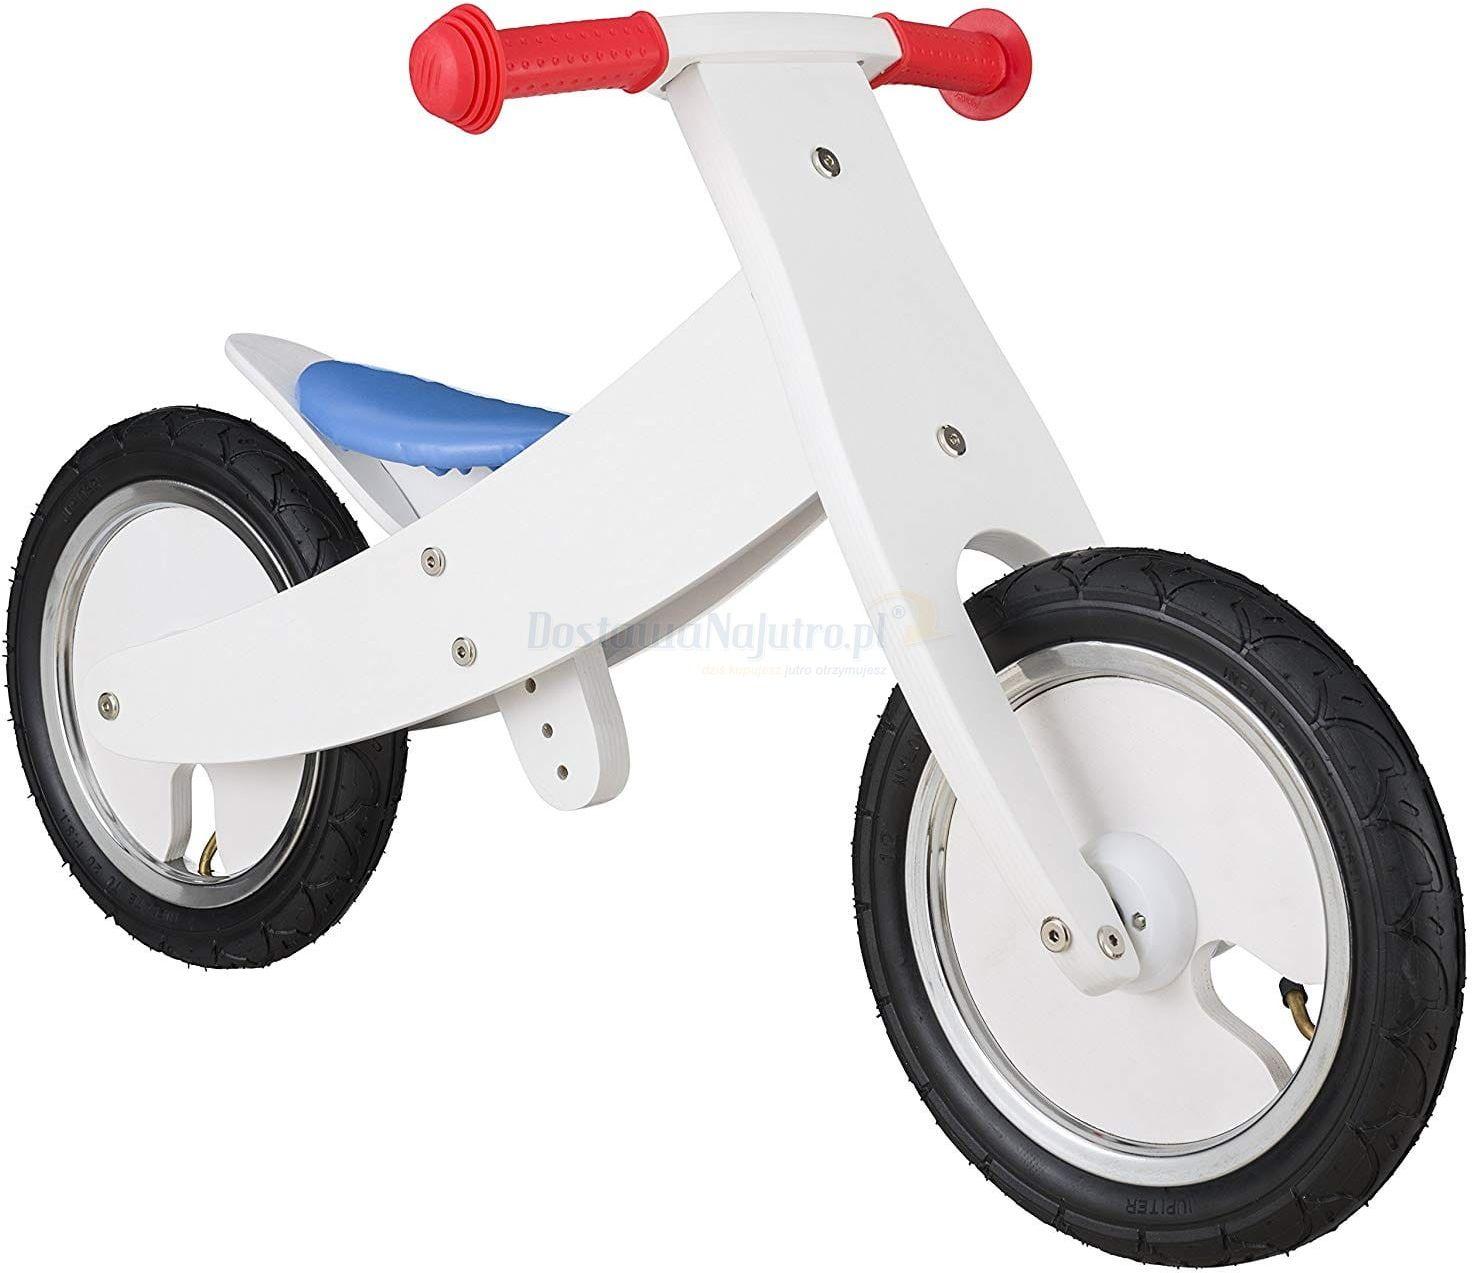 """Rowerek biegowy dwukołowy Bike Star 12"""" drewniana obracana rama 2 w 1 biały"""